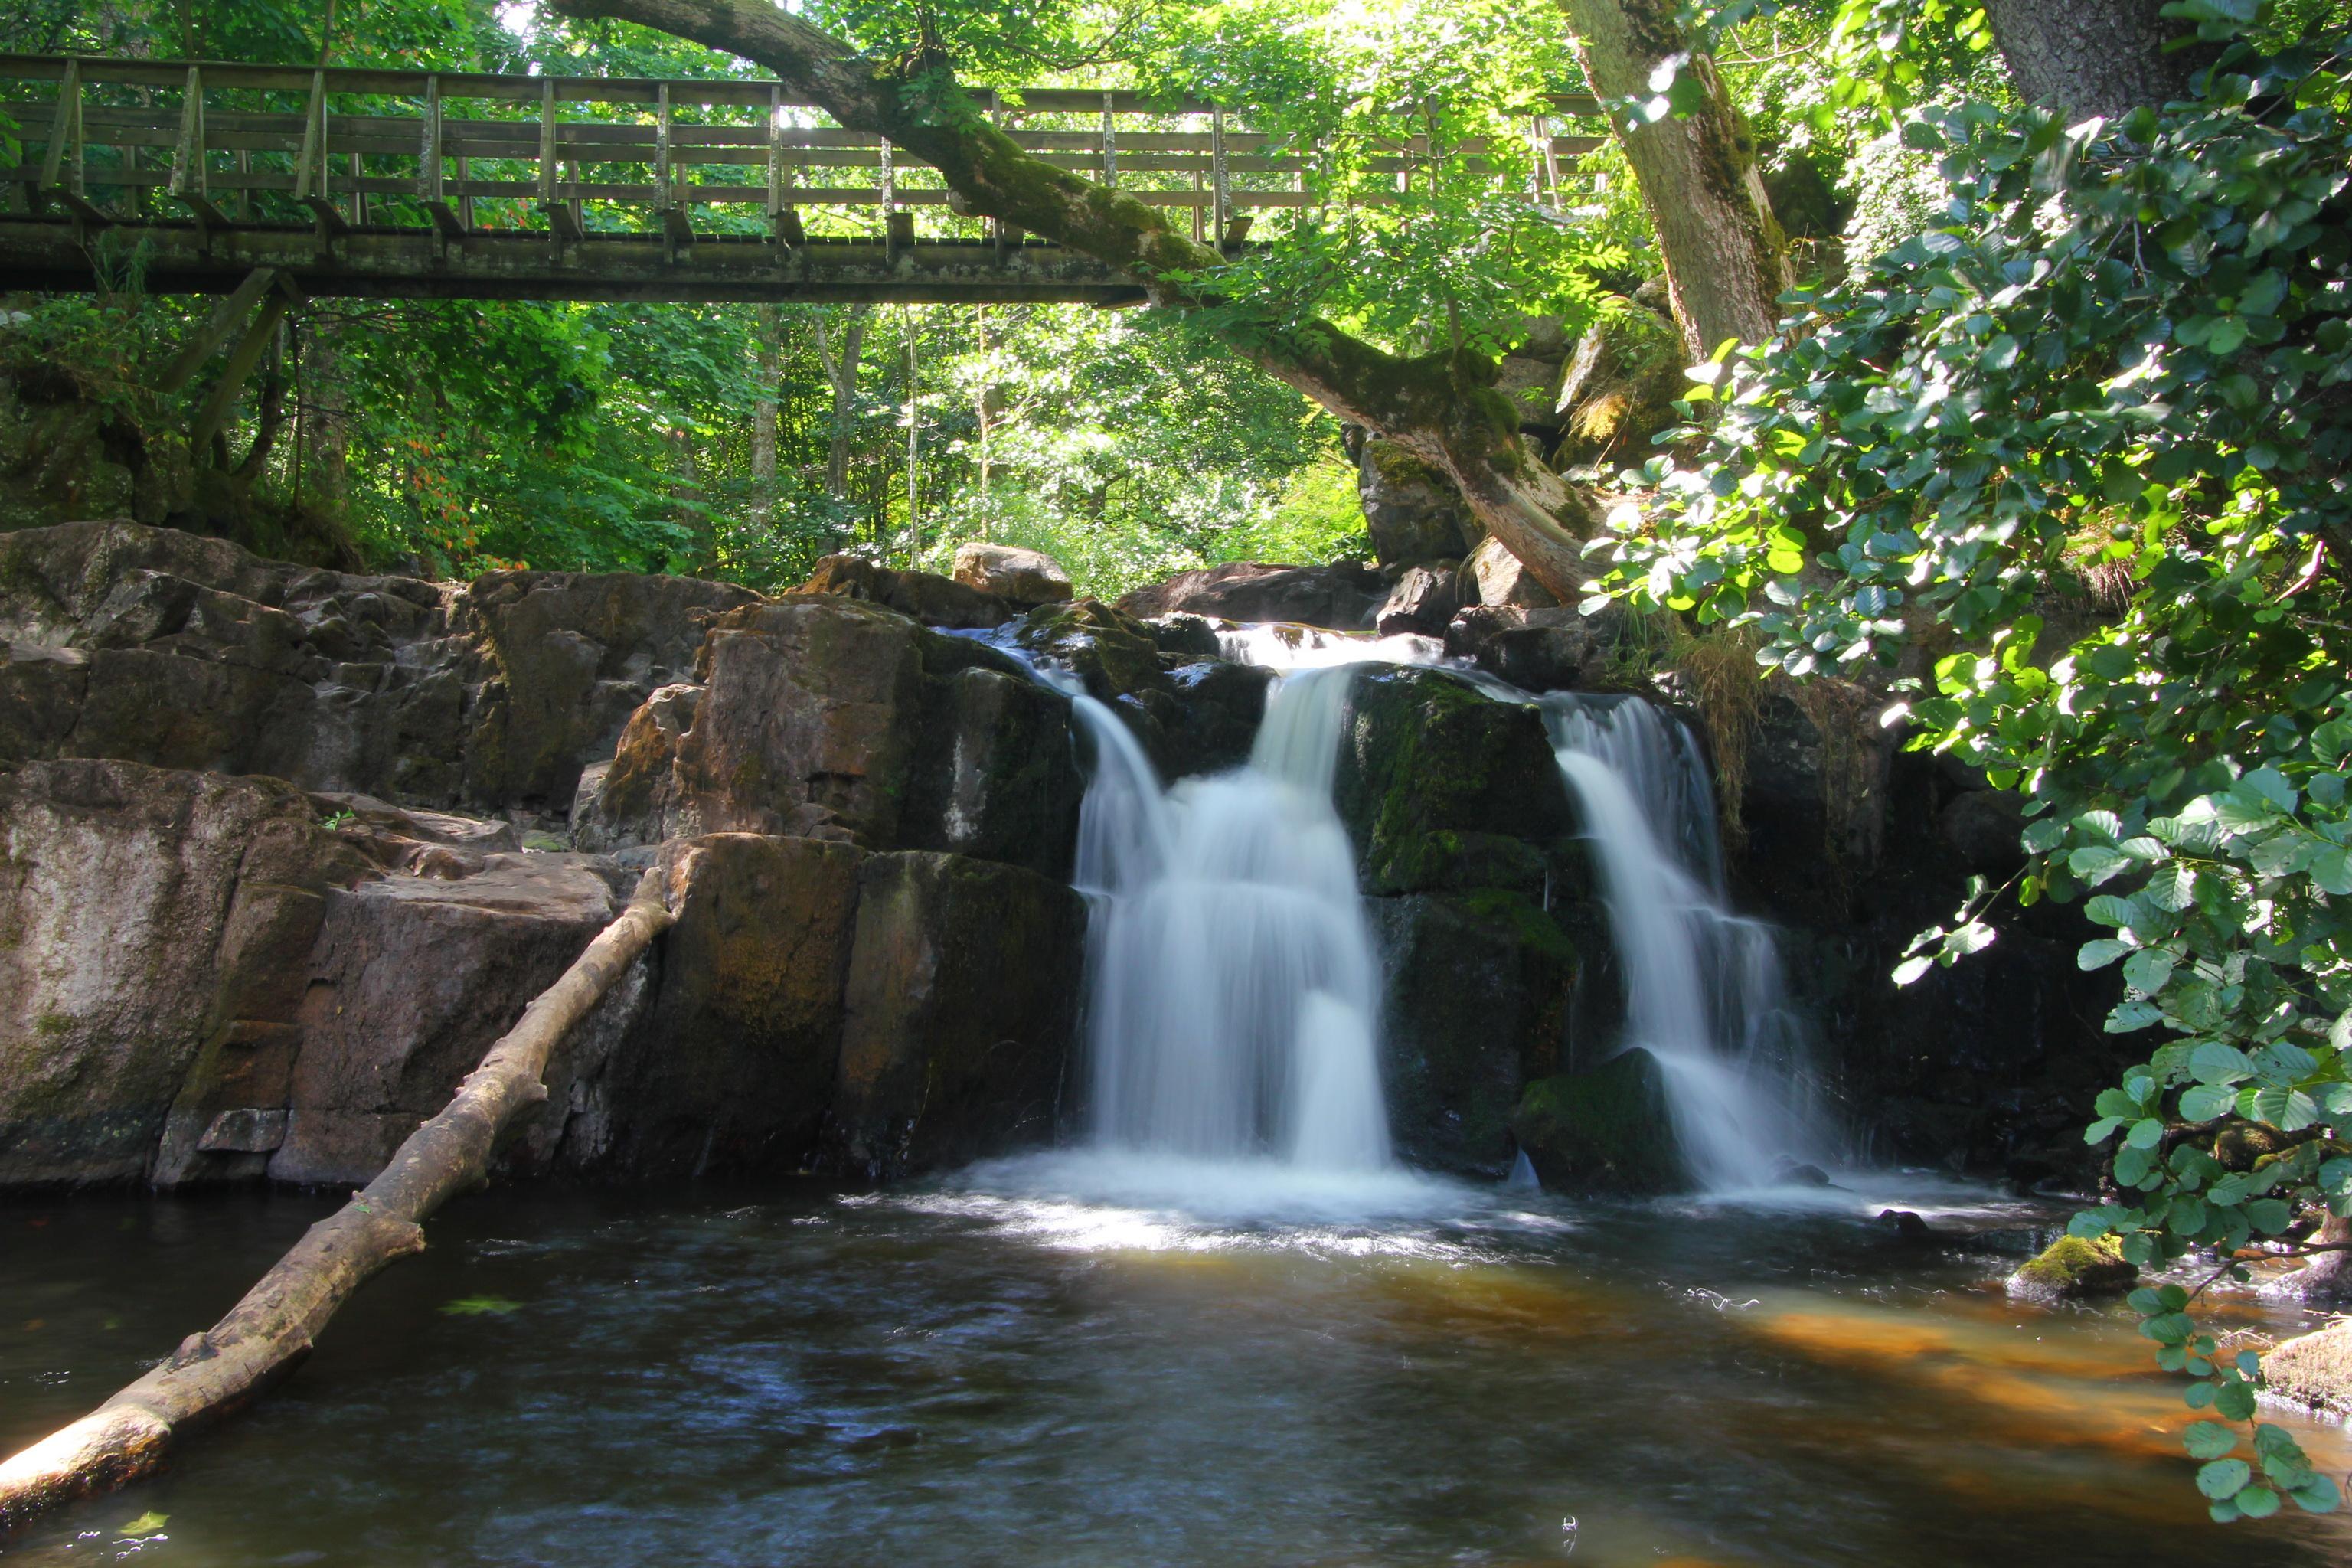 Vodopády Hallamölla Kvarn